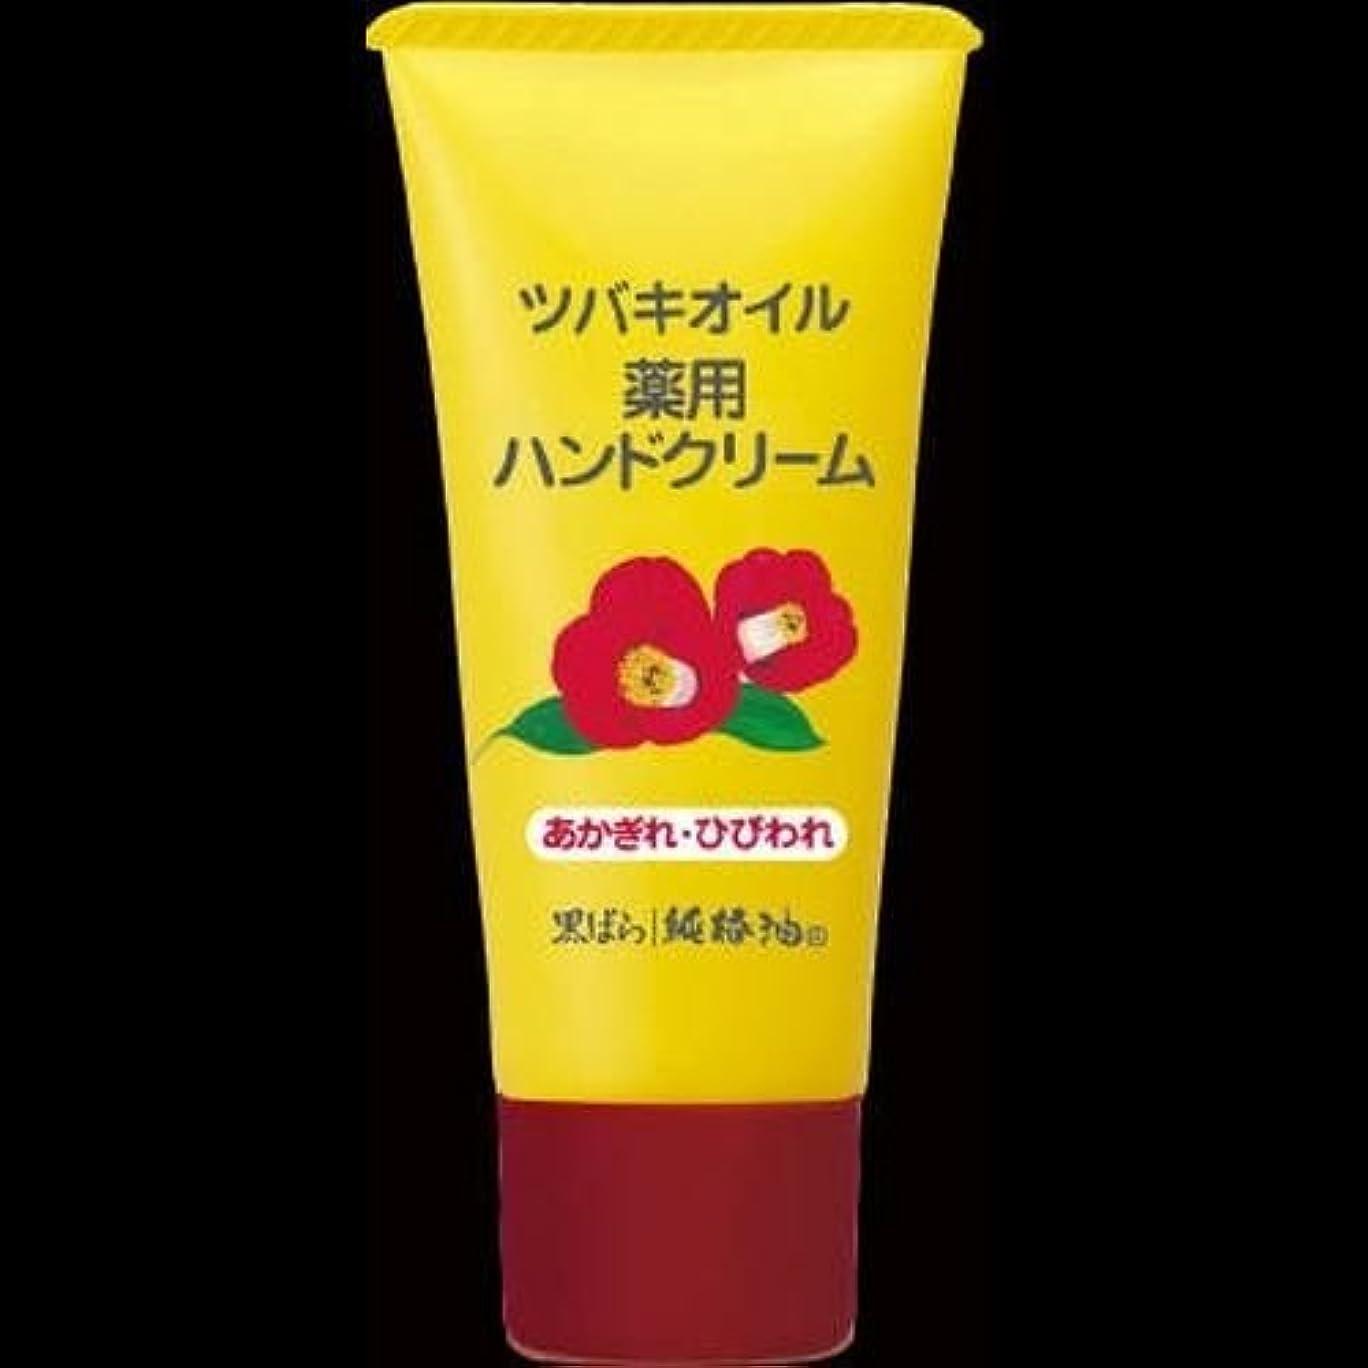 【まとめ買い】黒ばら本舗 椿オイルハンドクリーム 35g ×2セット